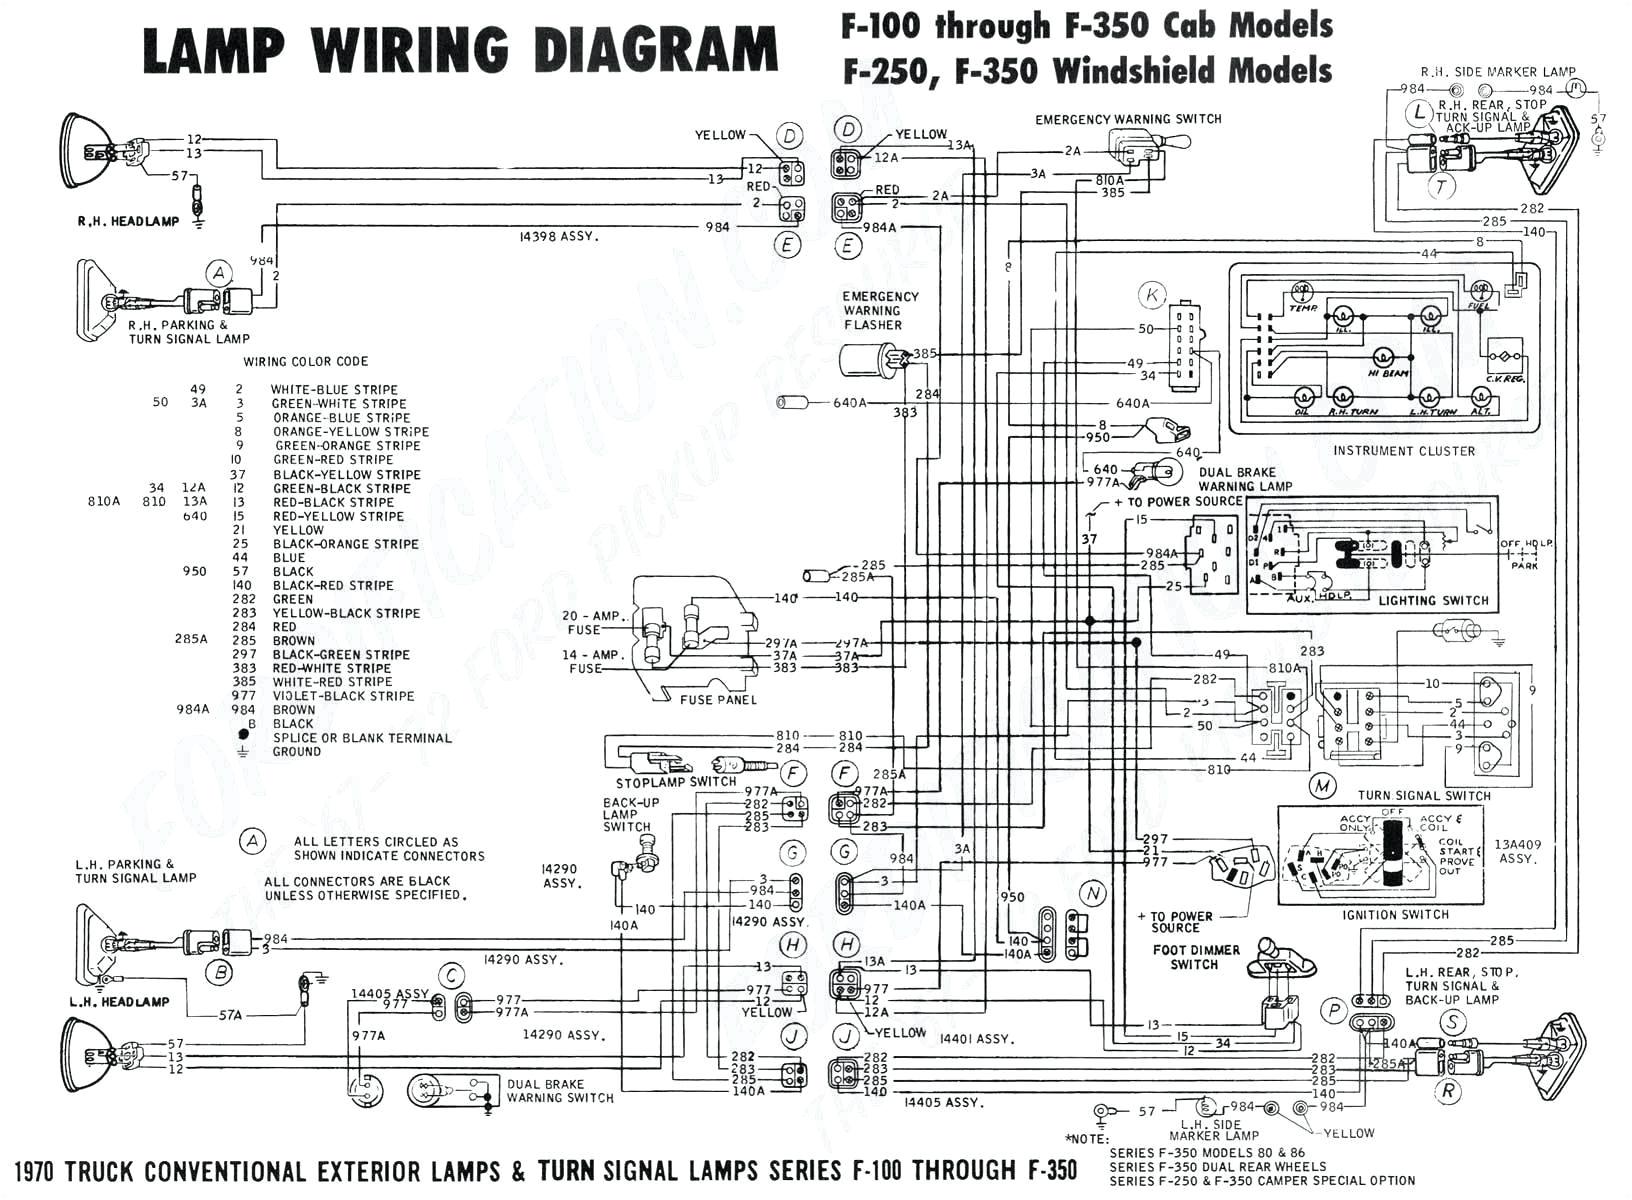 2007 cougar wiring diagram data schematic diagram 2007 cougar wiring diagram